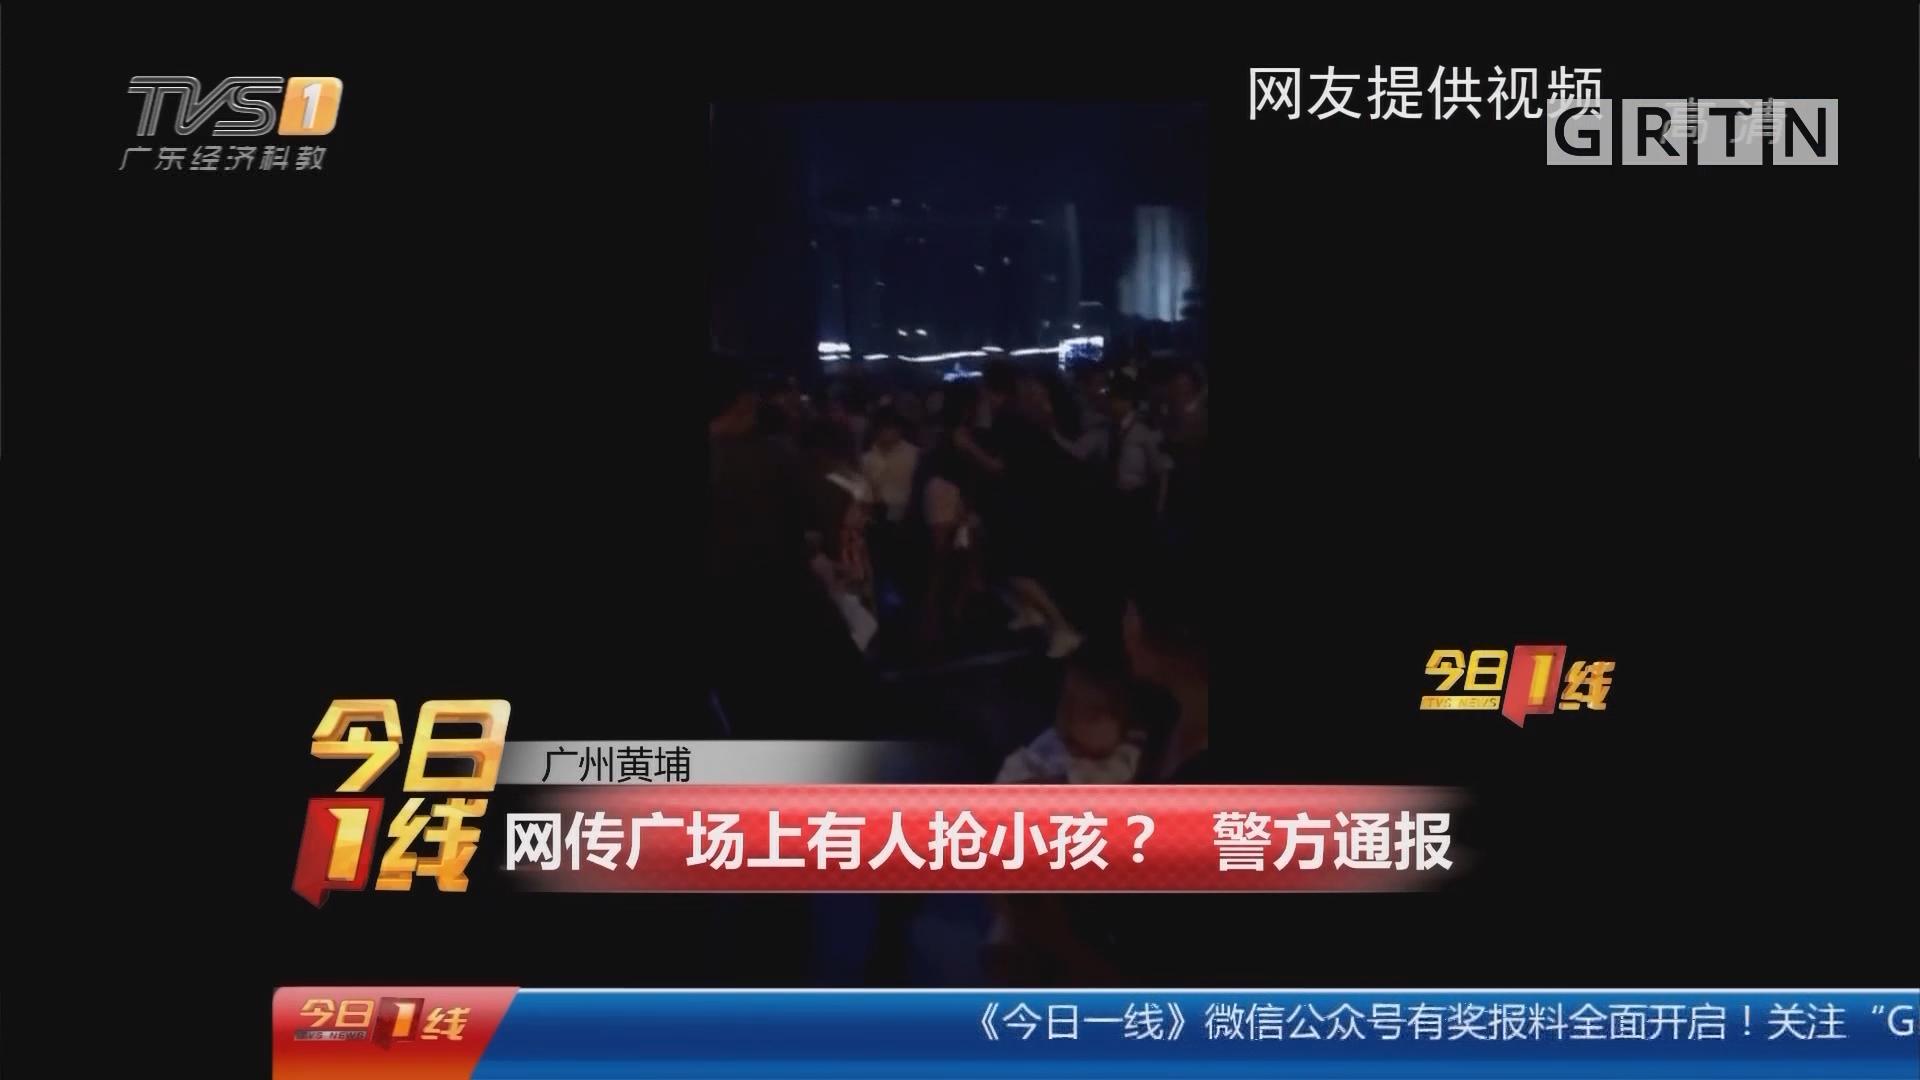 广州黄埔:网传广场上有人抢小孩? 警方通报